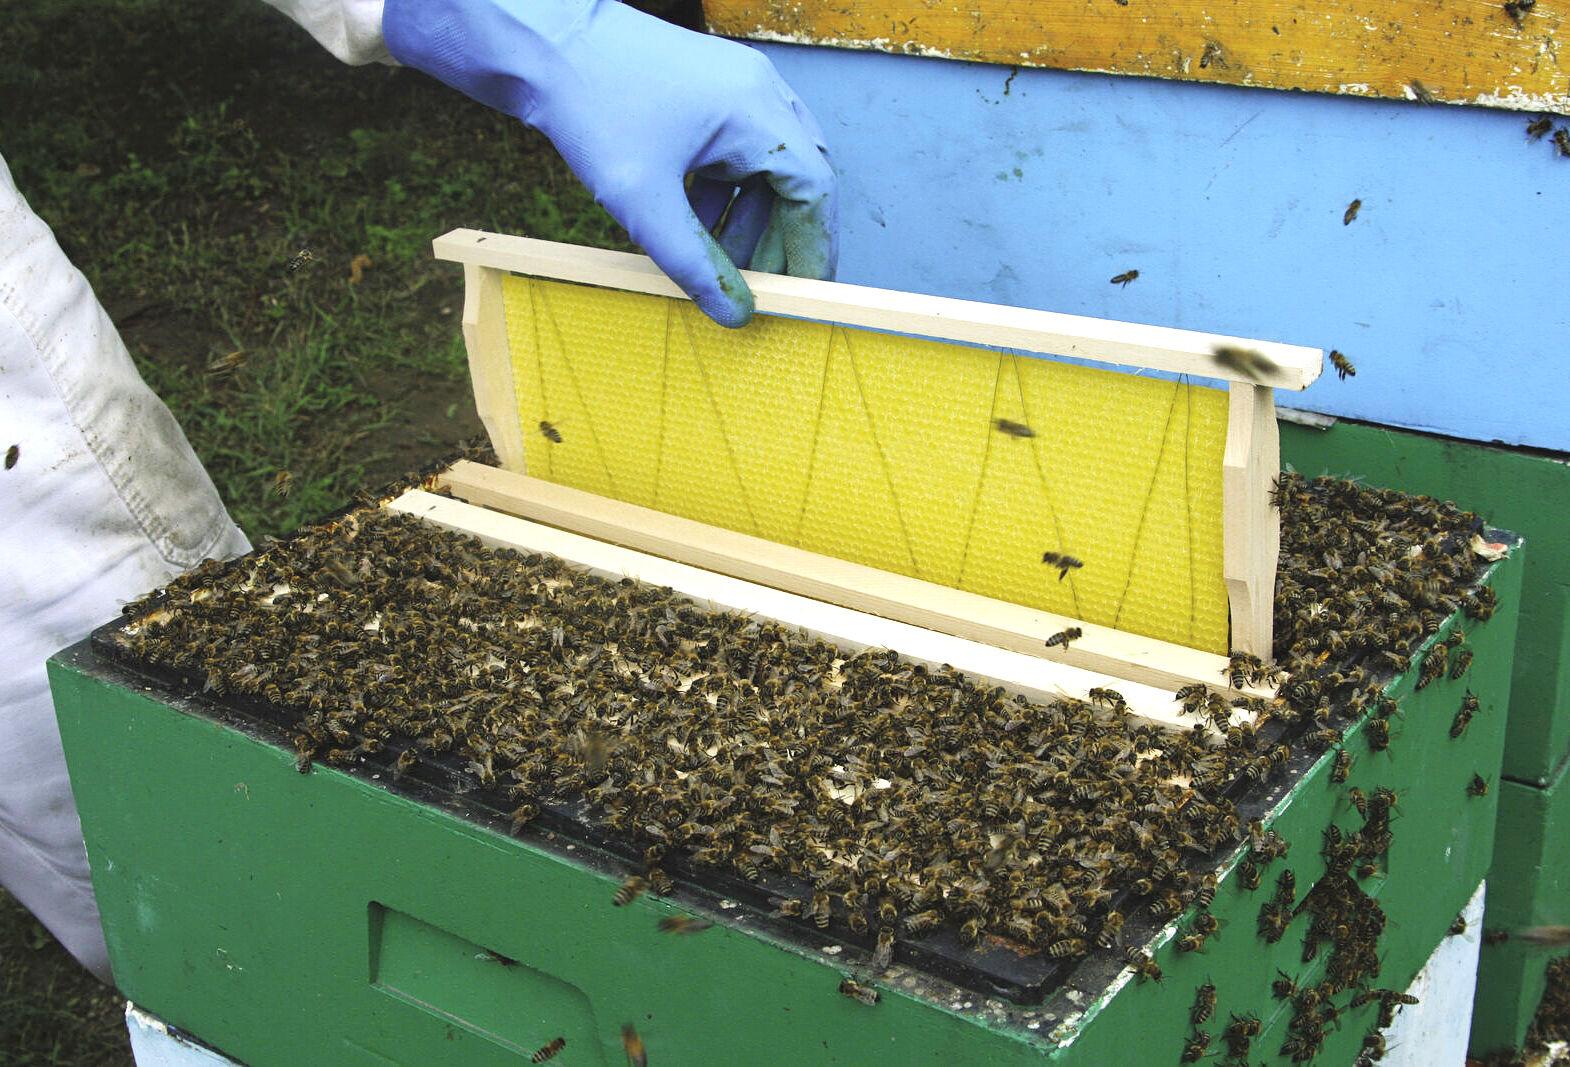 méhészeti termékek és jövőkép étel a szemlátás javítására